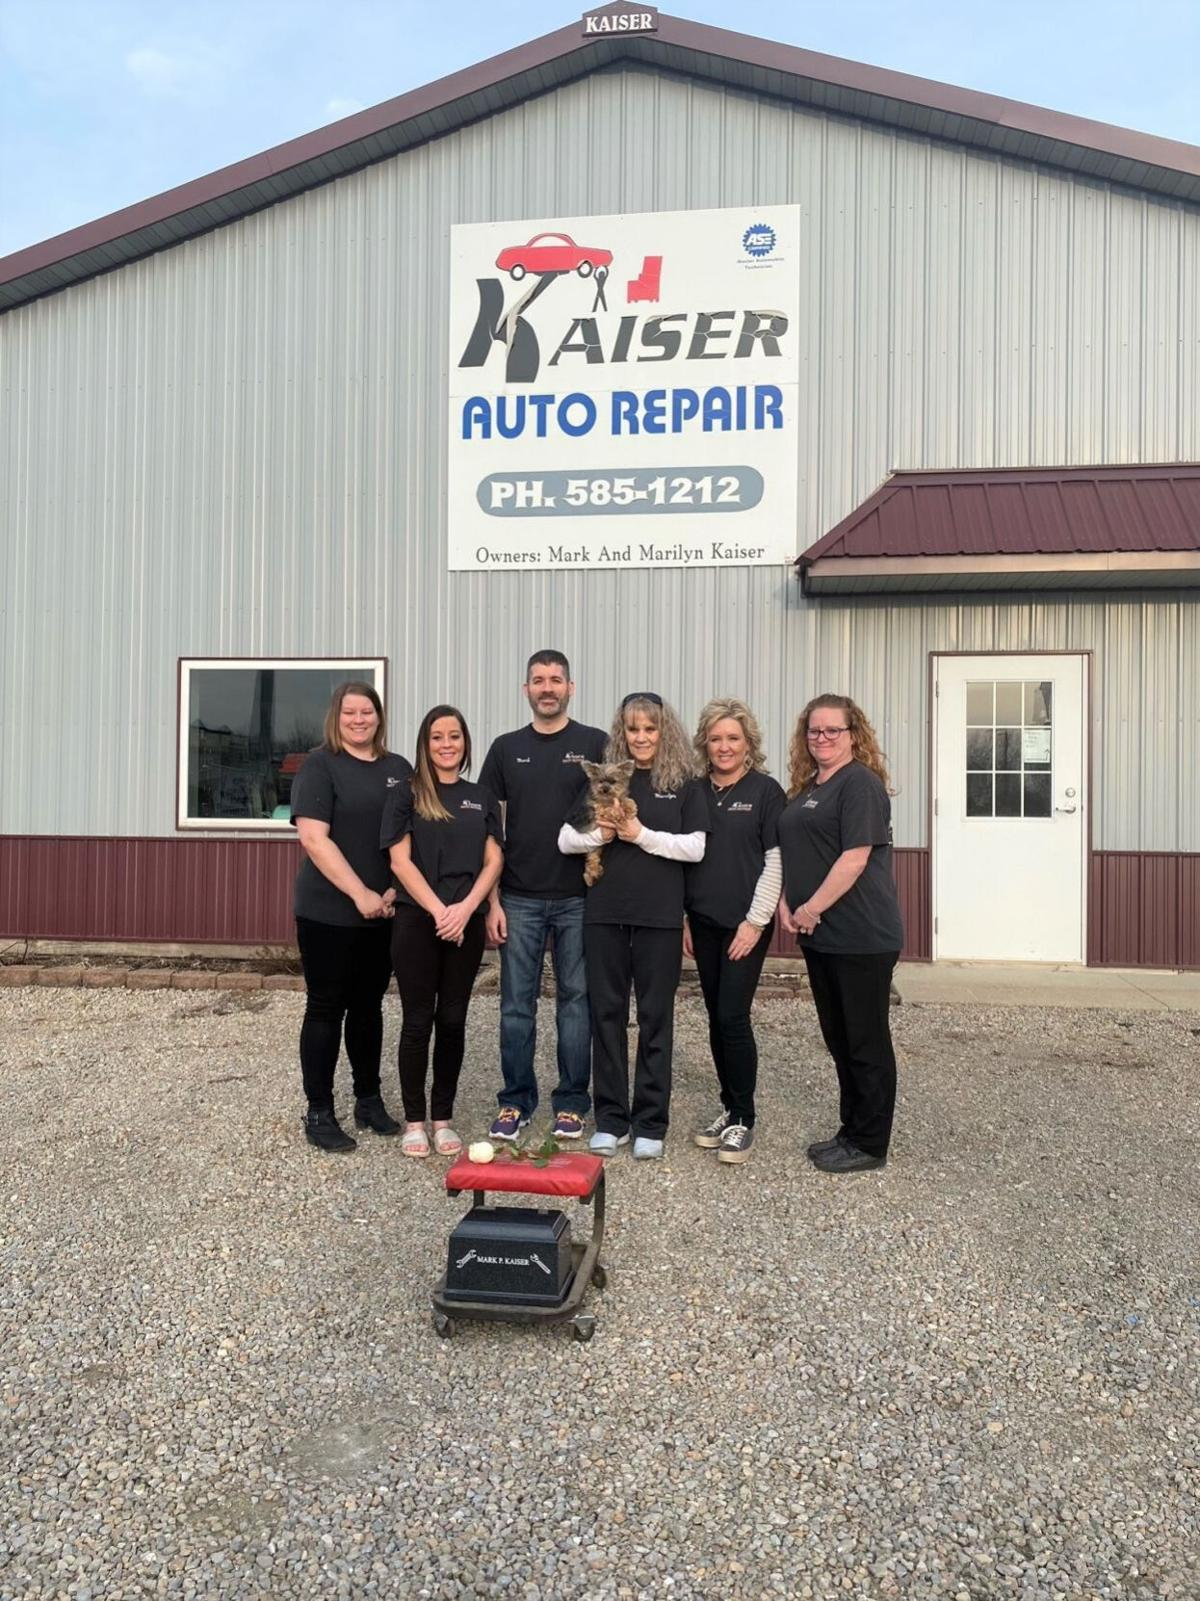 Kaiser Auto Repair